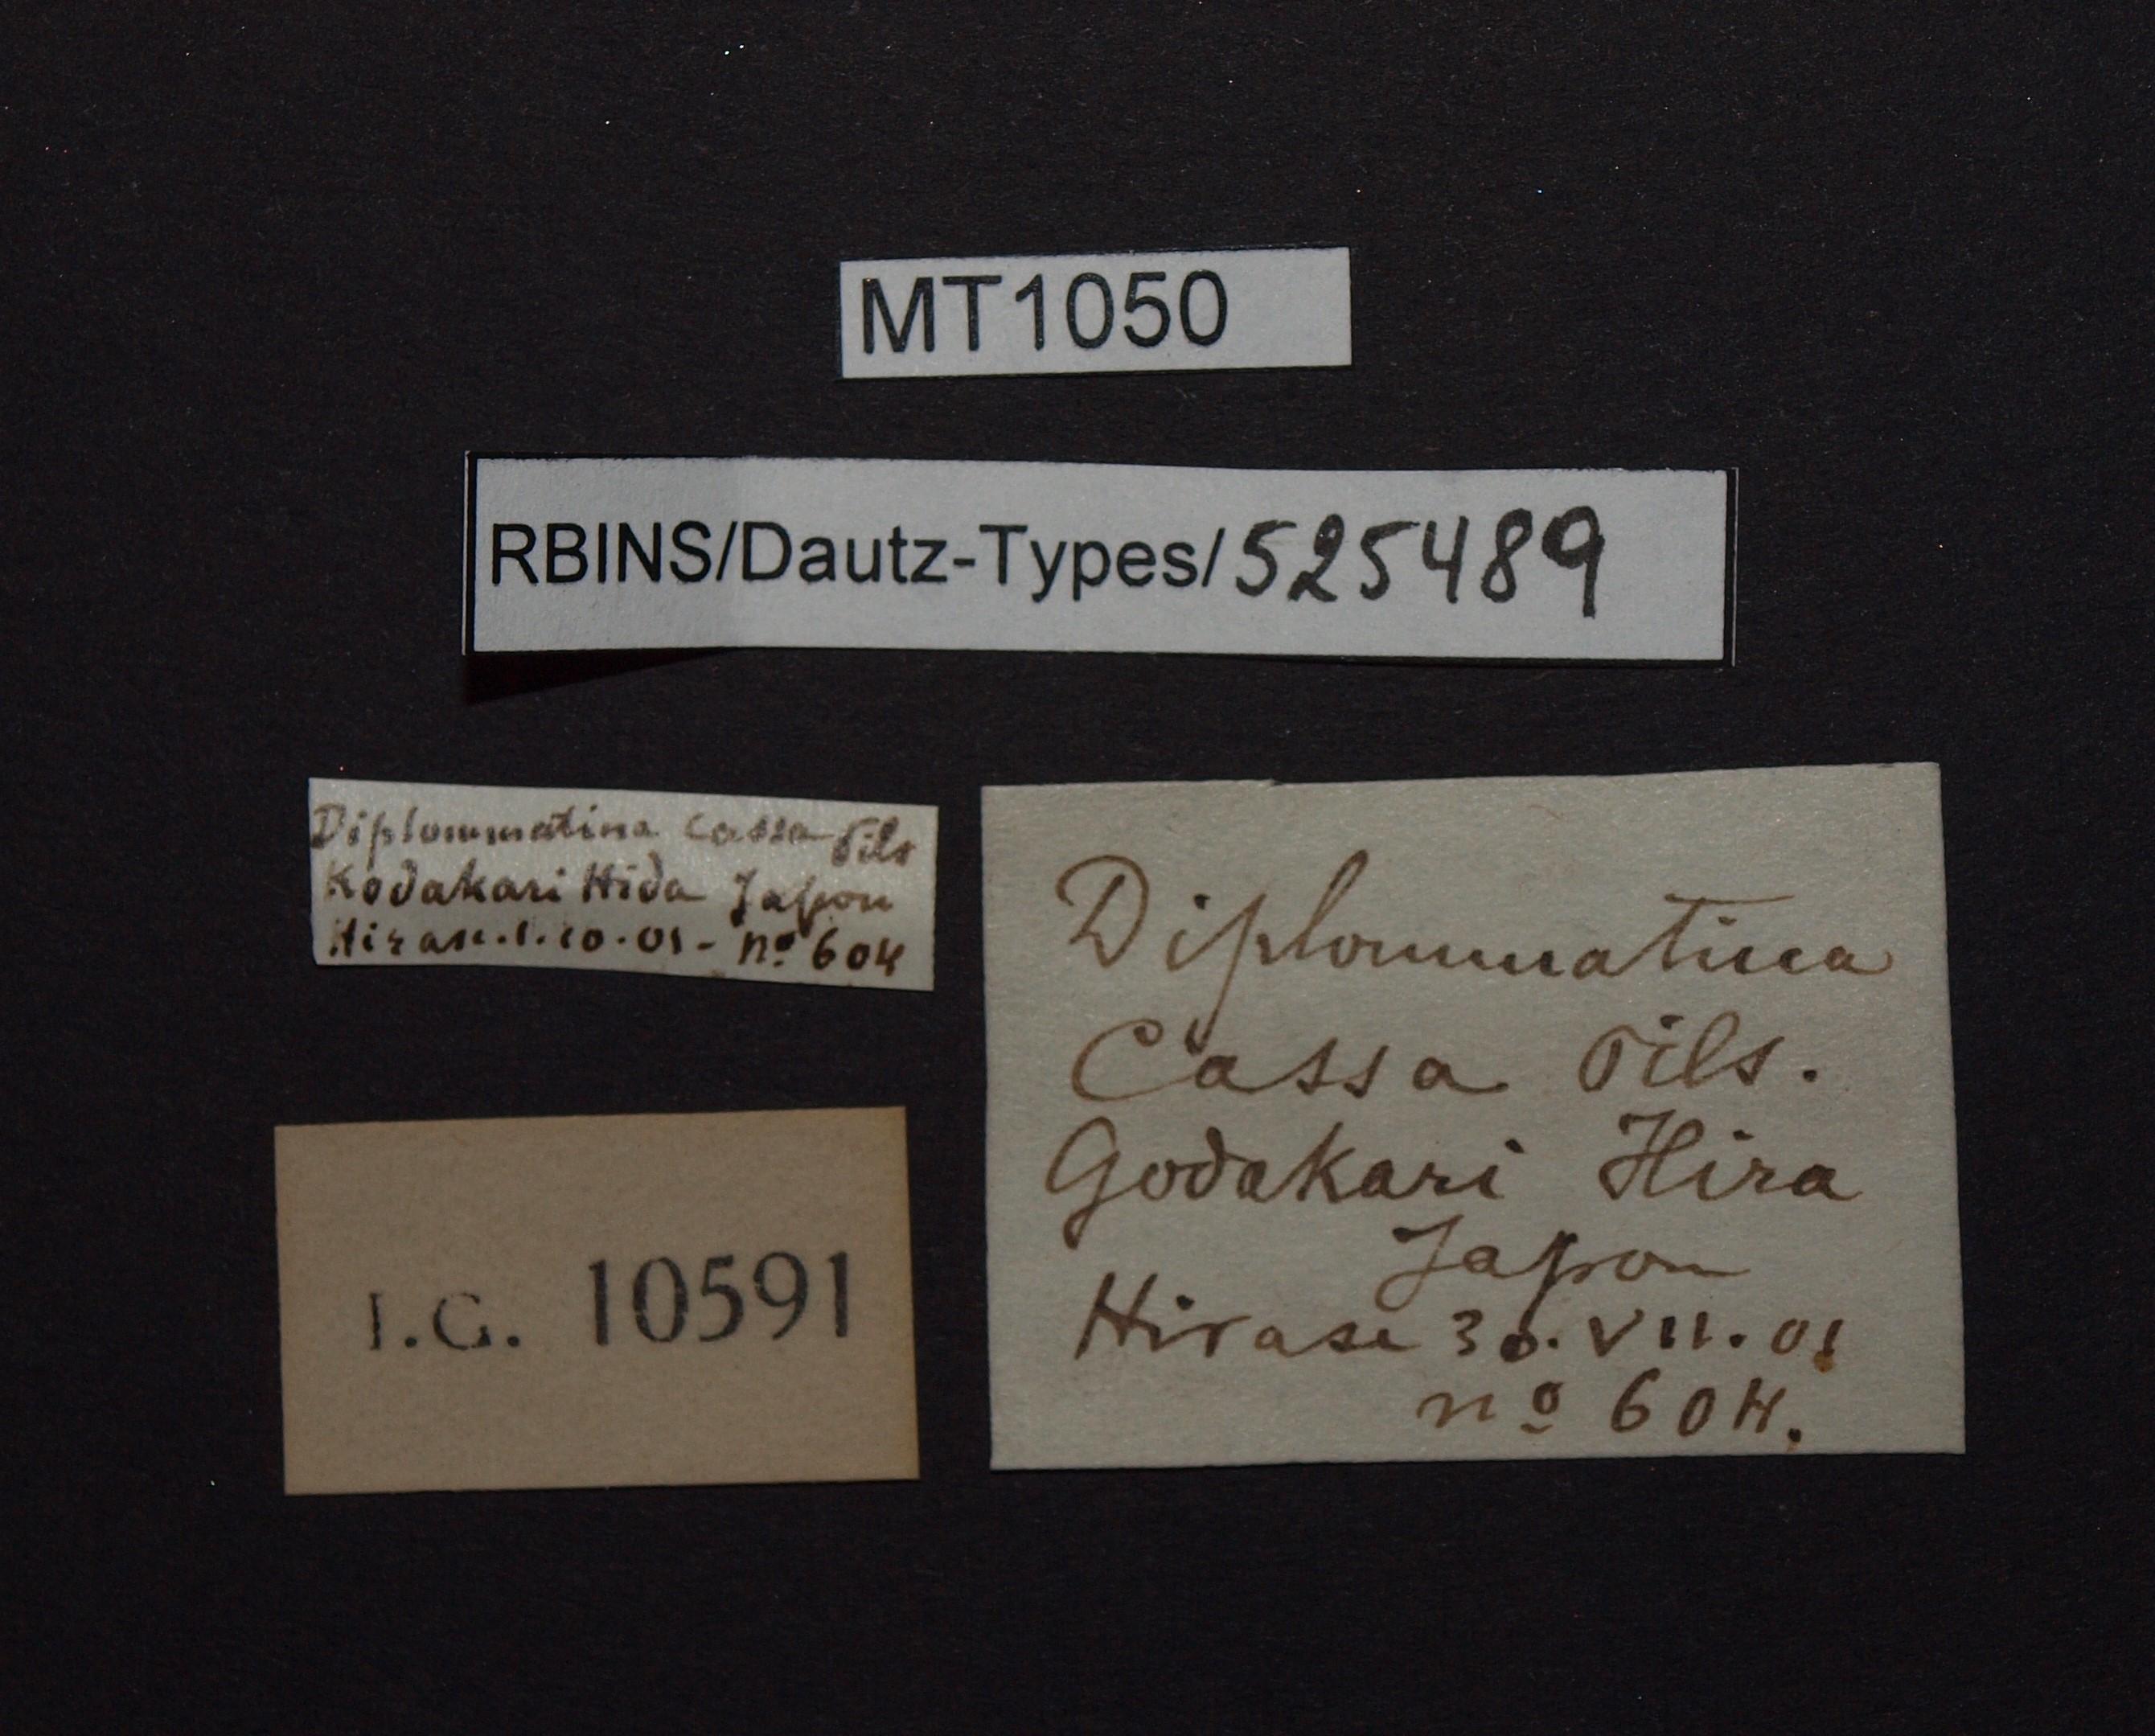 BE-RBINS-INV MT 1050 Diplommatina (Sinica) cassa pt Lb.jpg